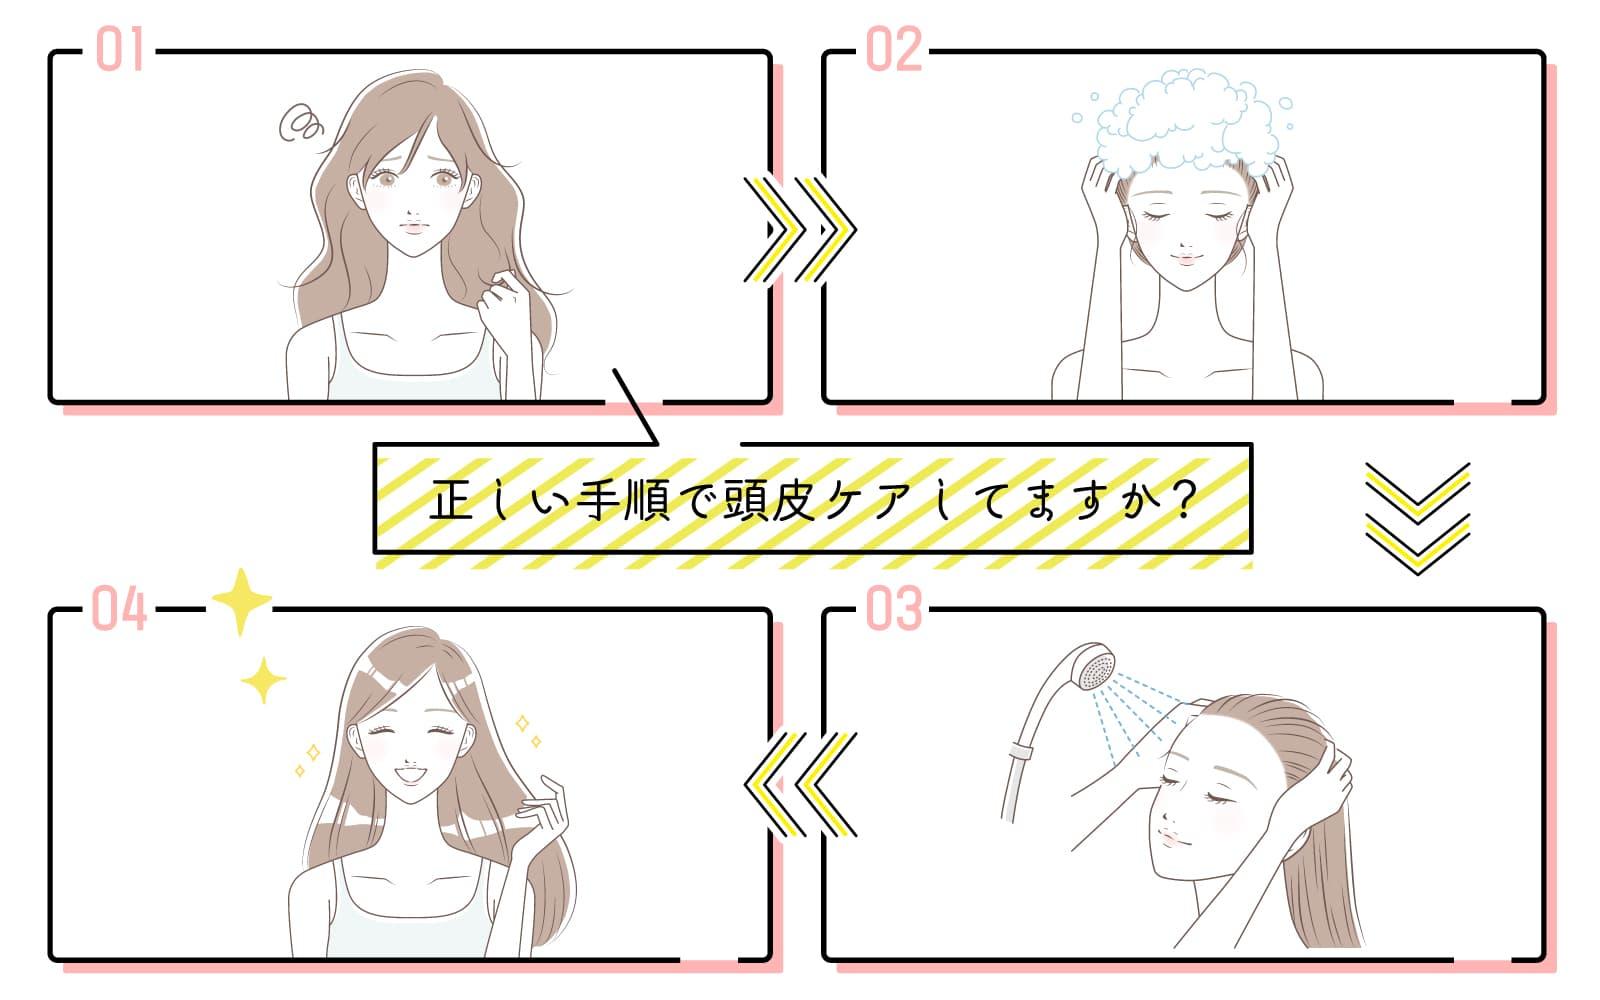 炭酸シャンプーで頭皮を洗う手順をチェック